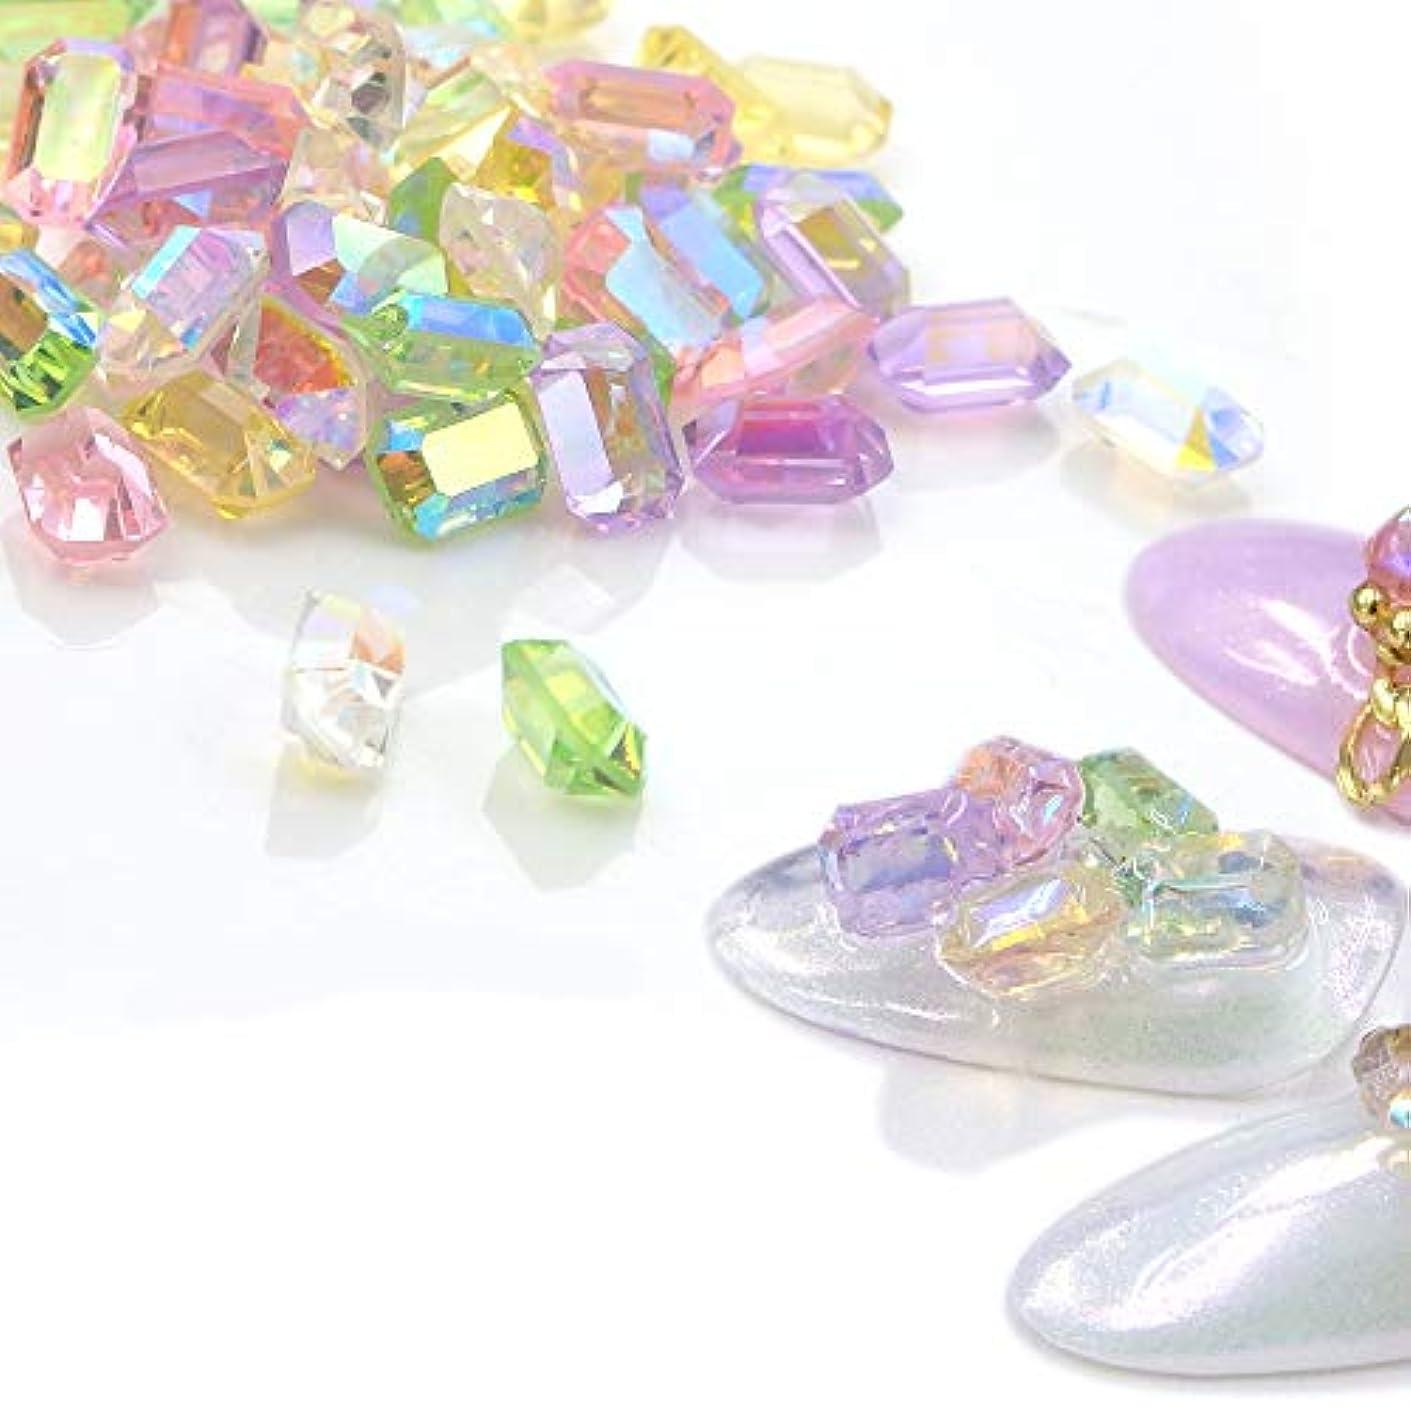 まつげブラシ見落とすキャンディドロップカラーMIX 1袋 #2